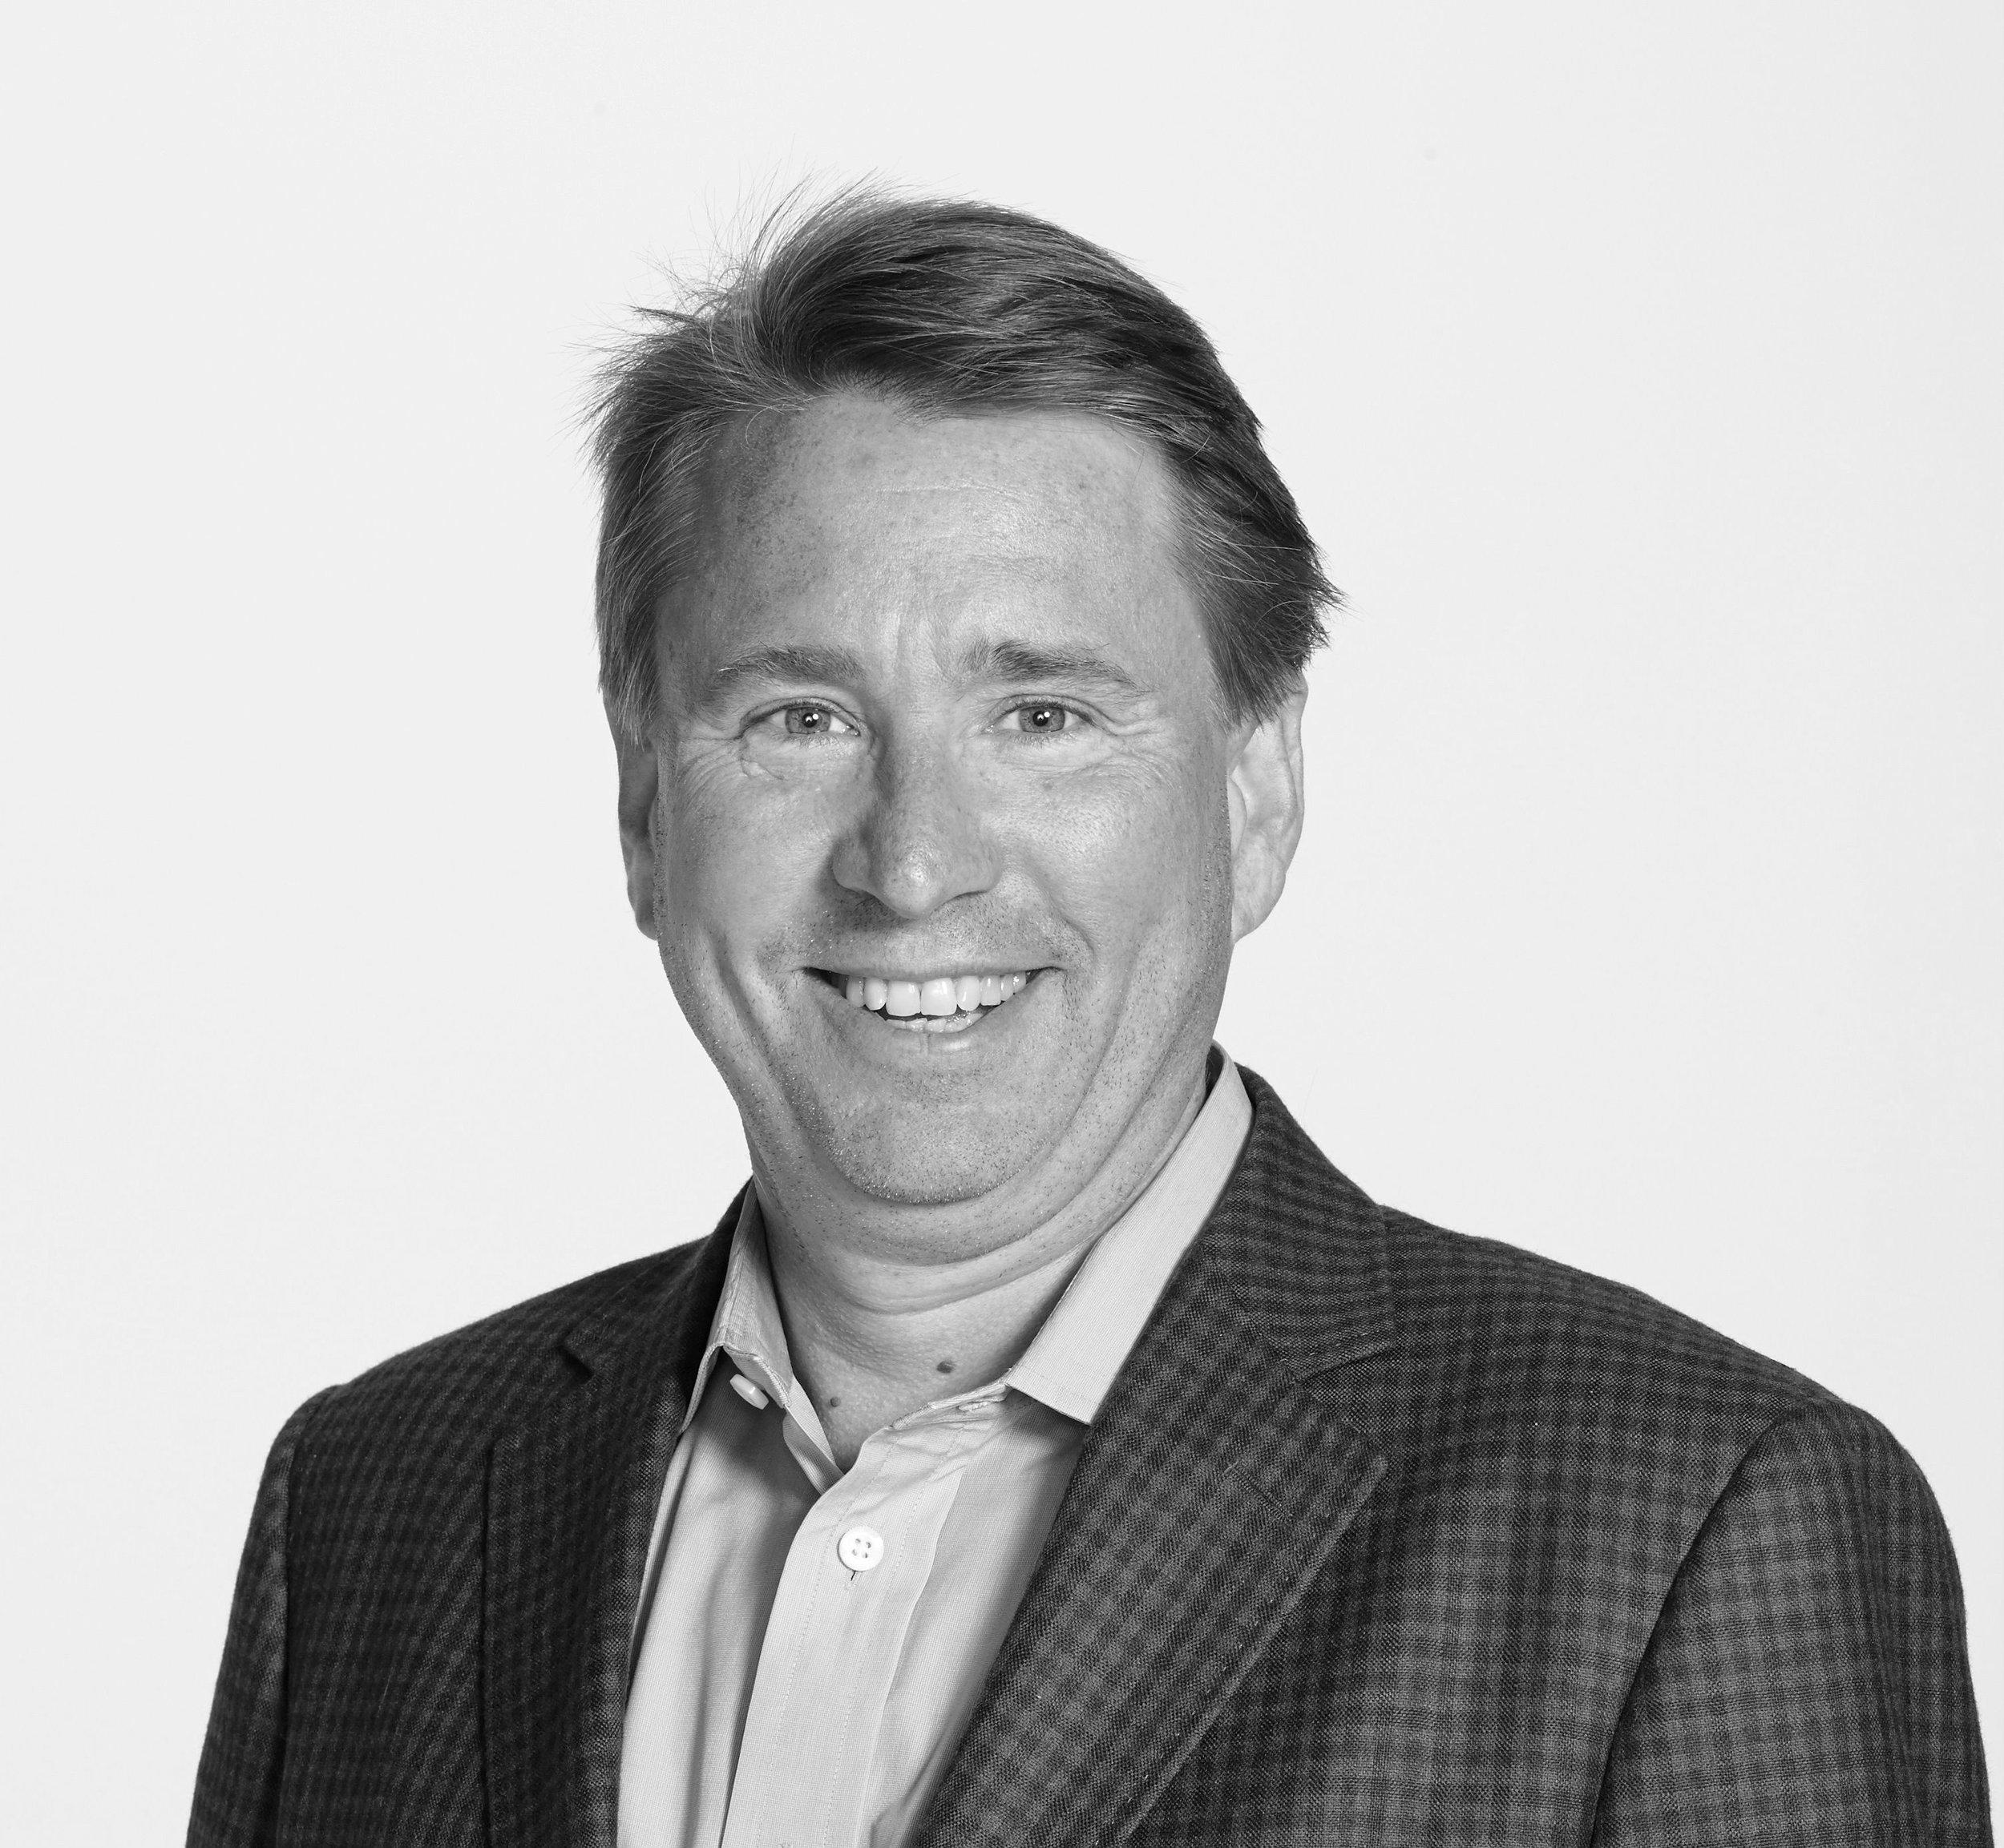 Ken Worzel, Nordstrom